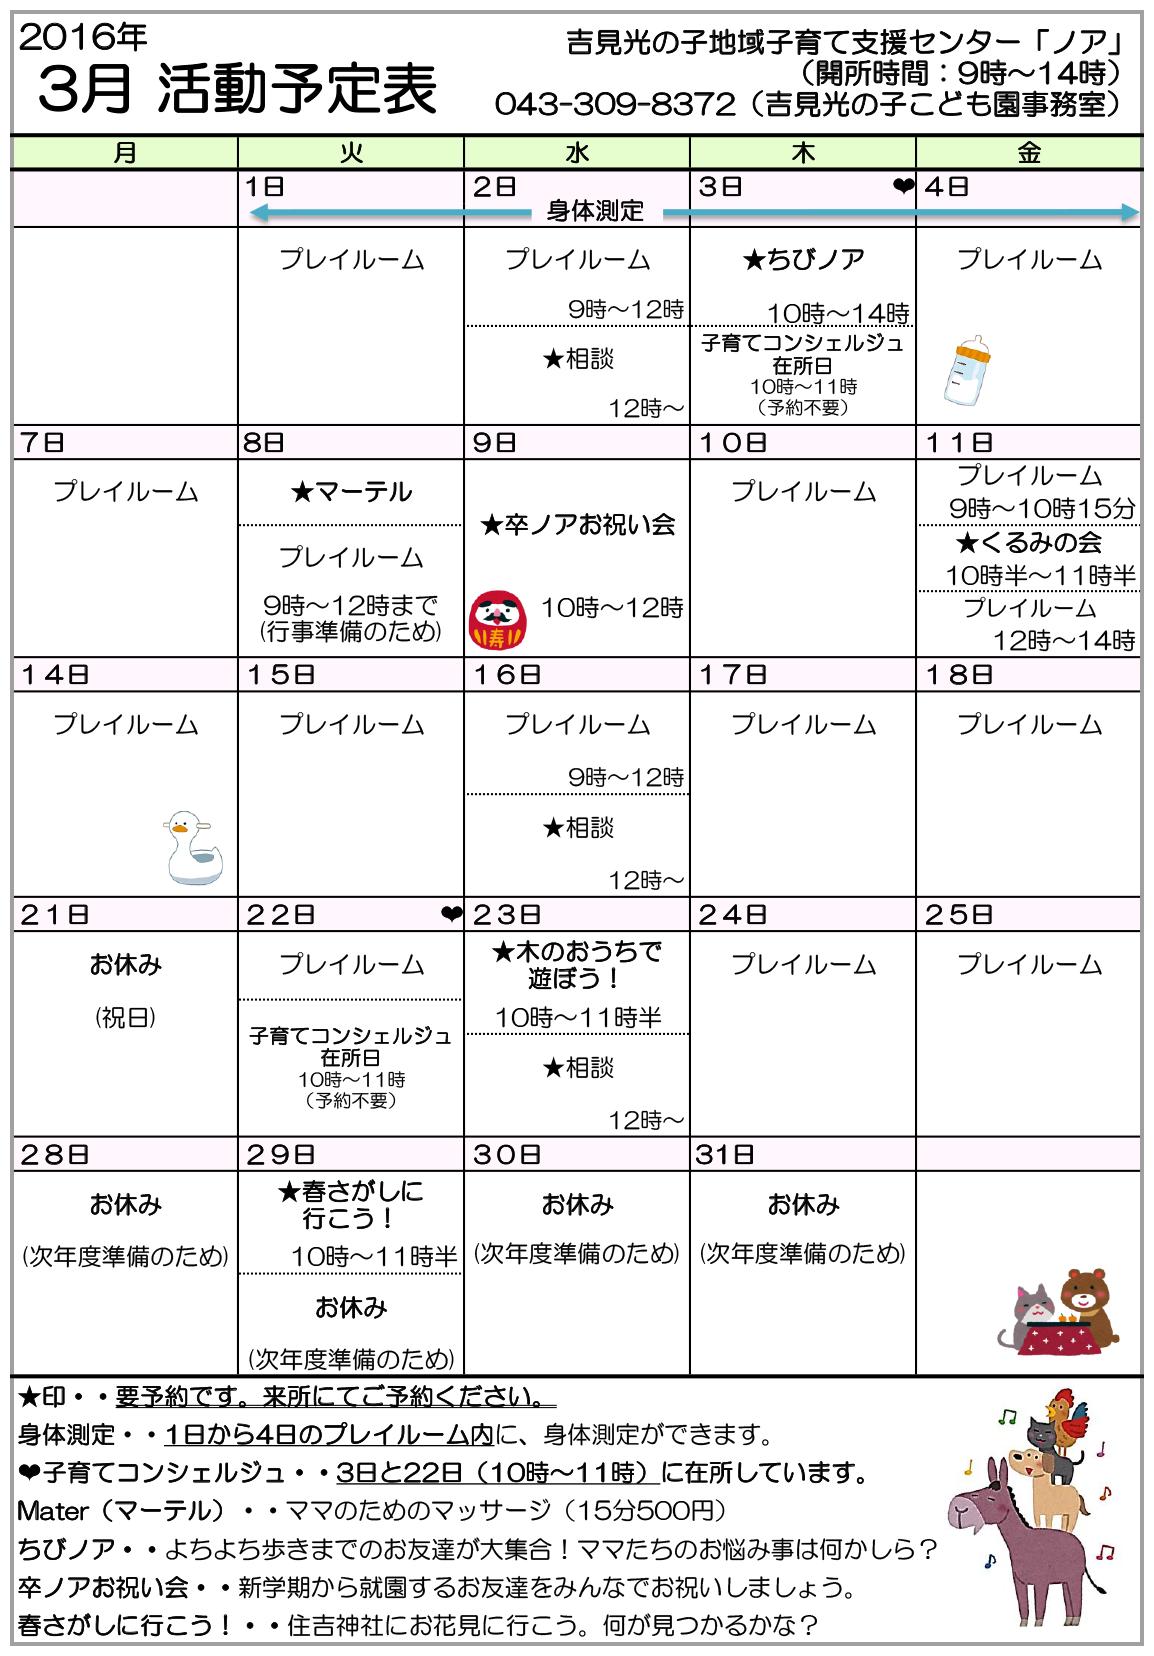 2016 3月ノア活動予定表